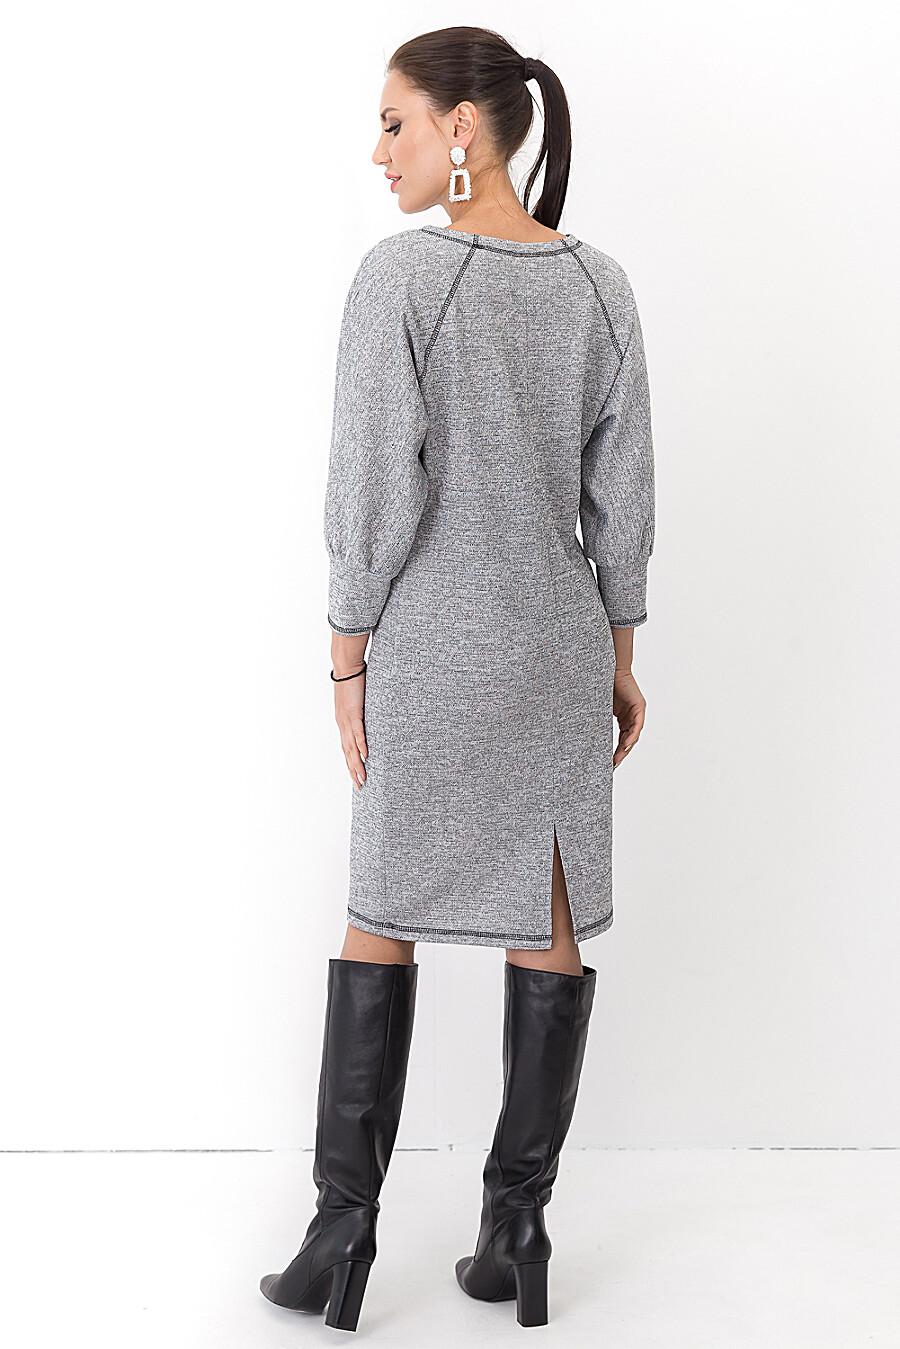 Платье для женщин LADY TAIGA 176043 купить оптом от производителя. Совместная покупка женской одежды в OptMoyo